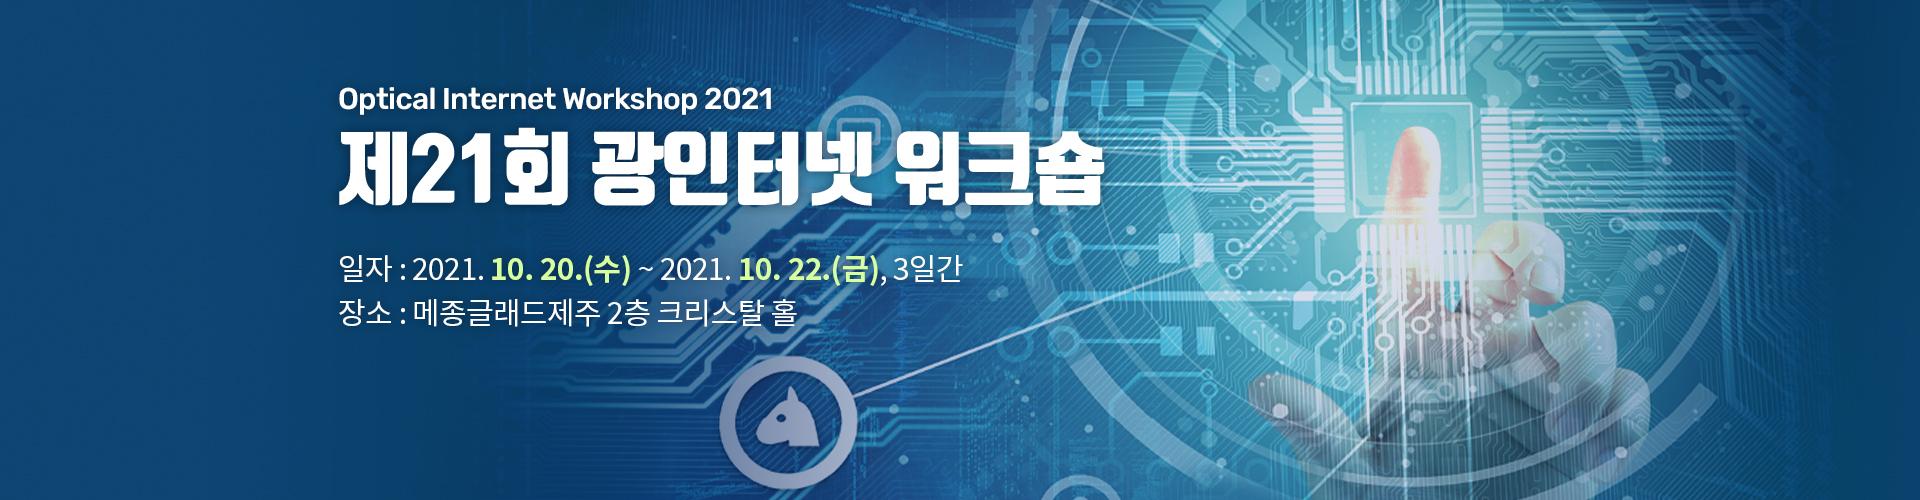 제21회 광인터넷 워크숍